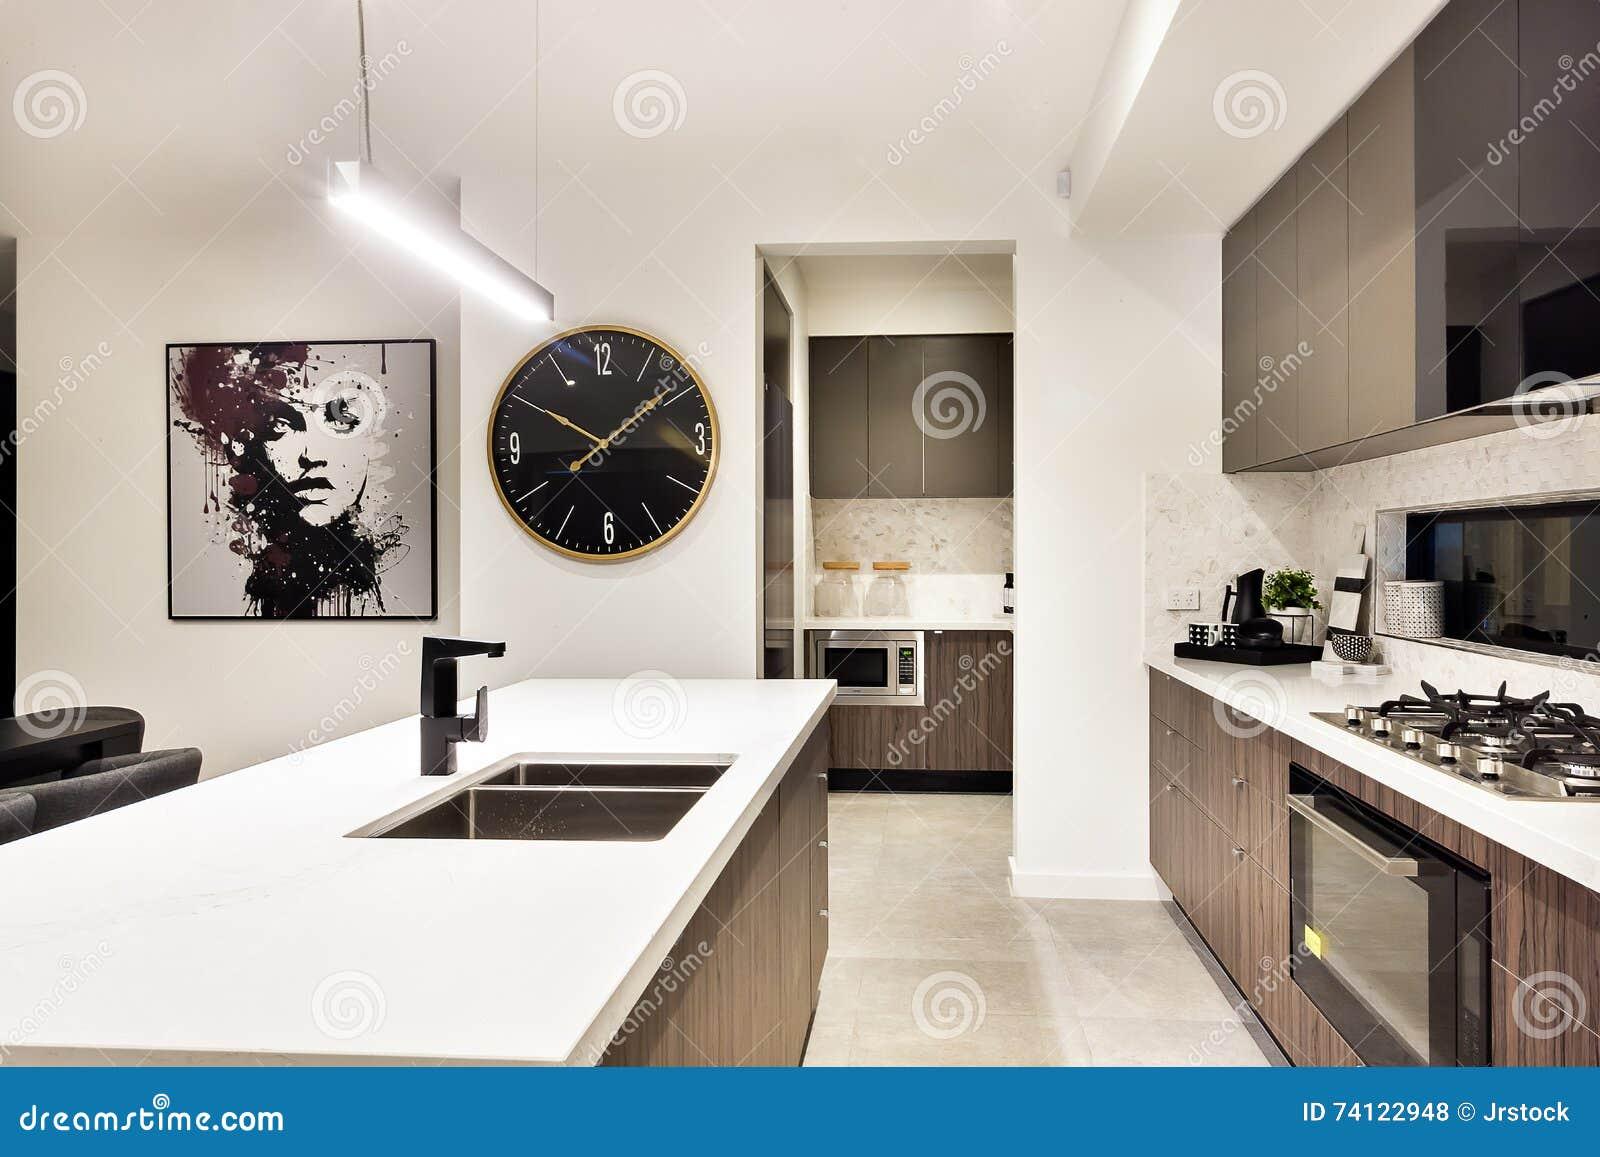 Close up moderno da bancada da cozinha com um fogão e um relógio